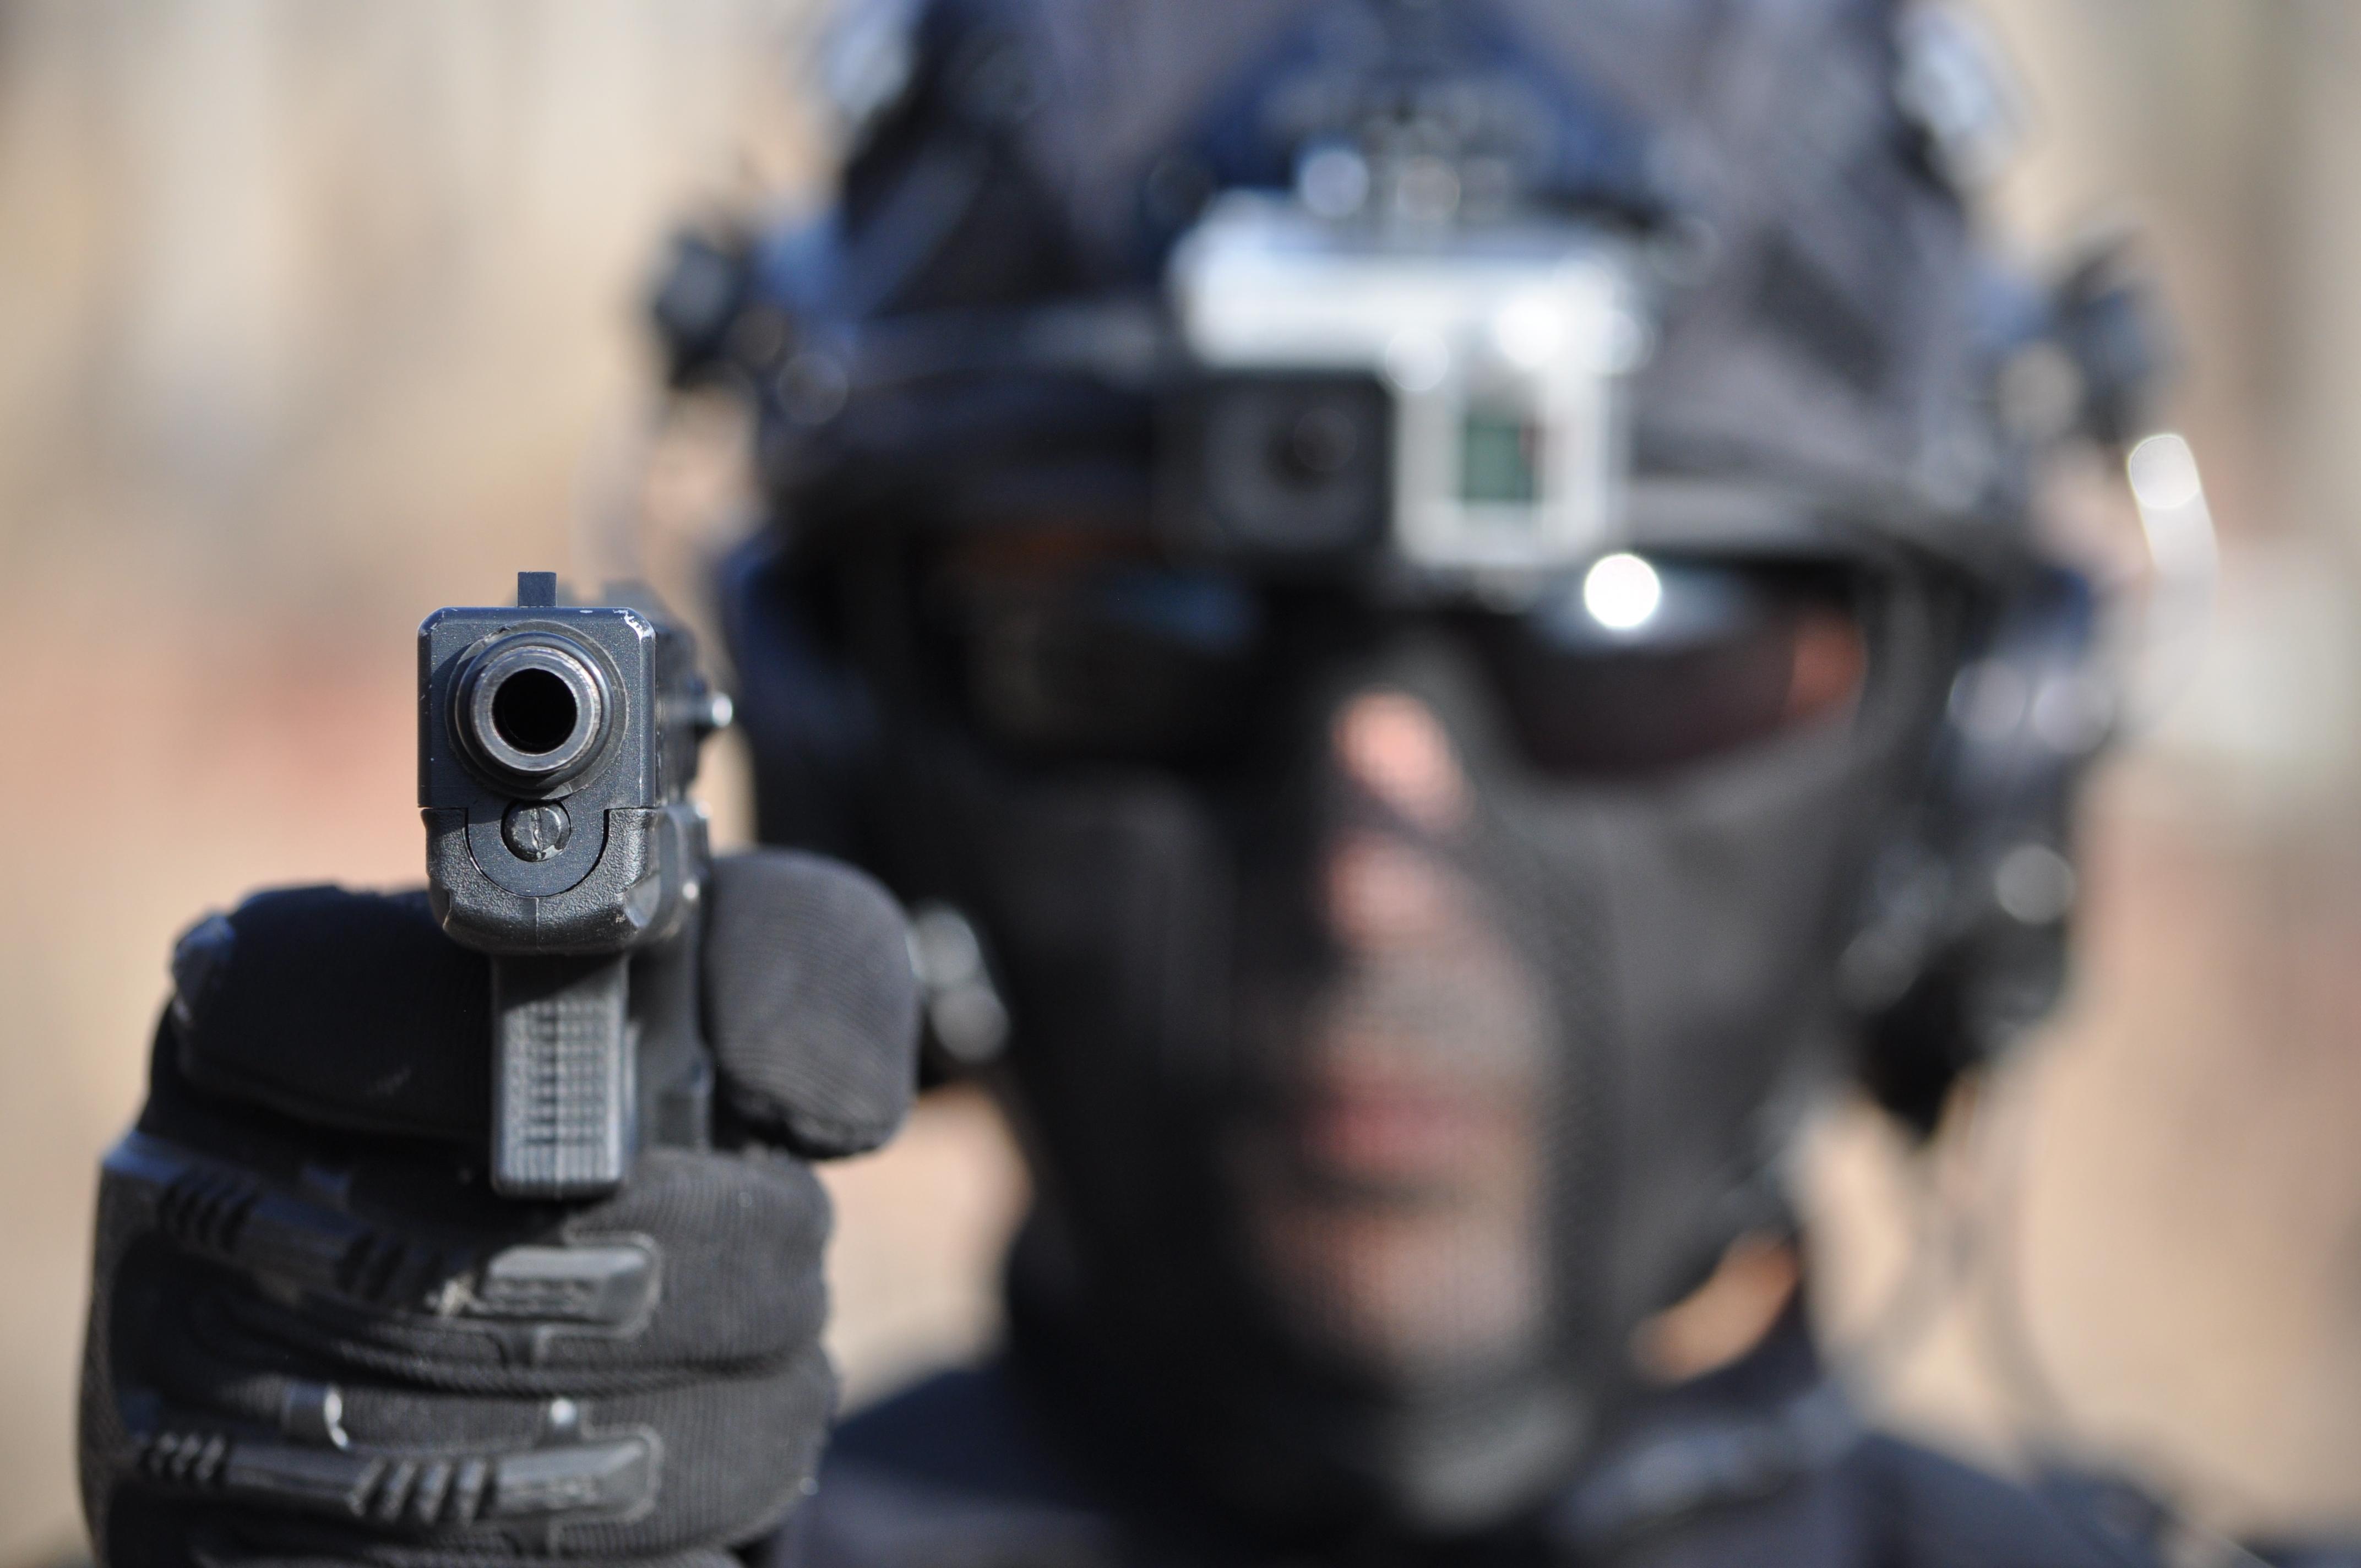 Pistolet Glock w dłoni strzelca